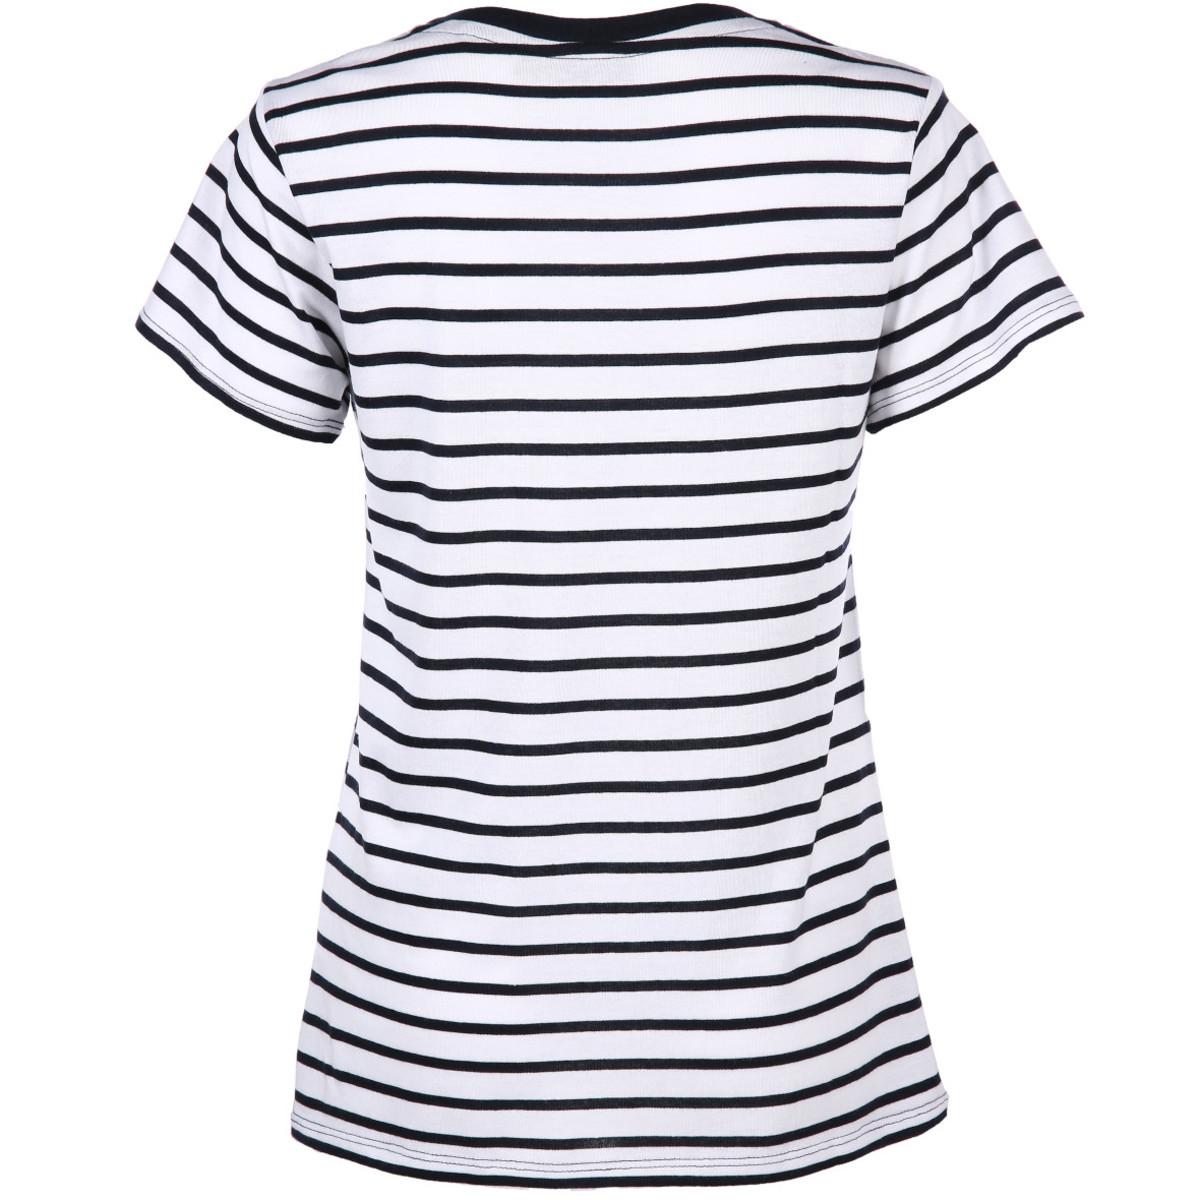 Bild 2 von Damen Shirt mit Streifen und Pailletten